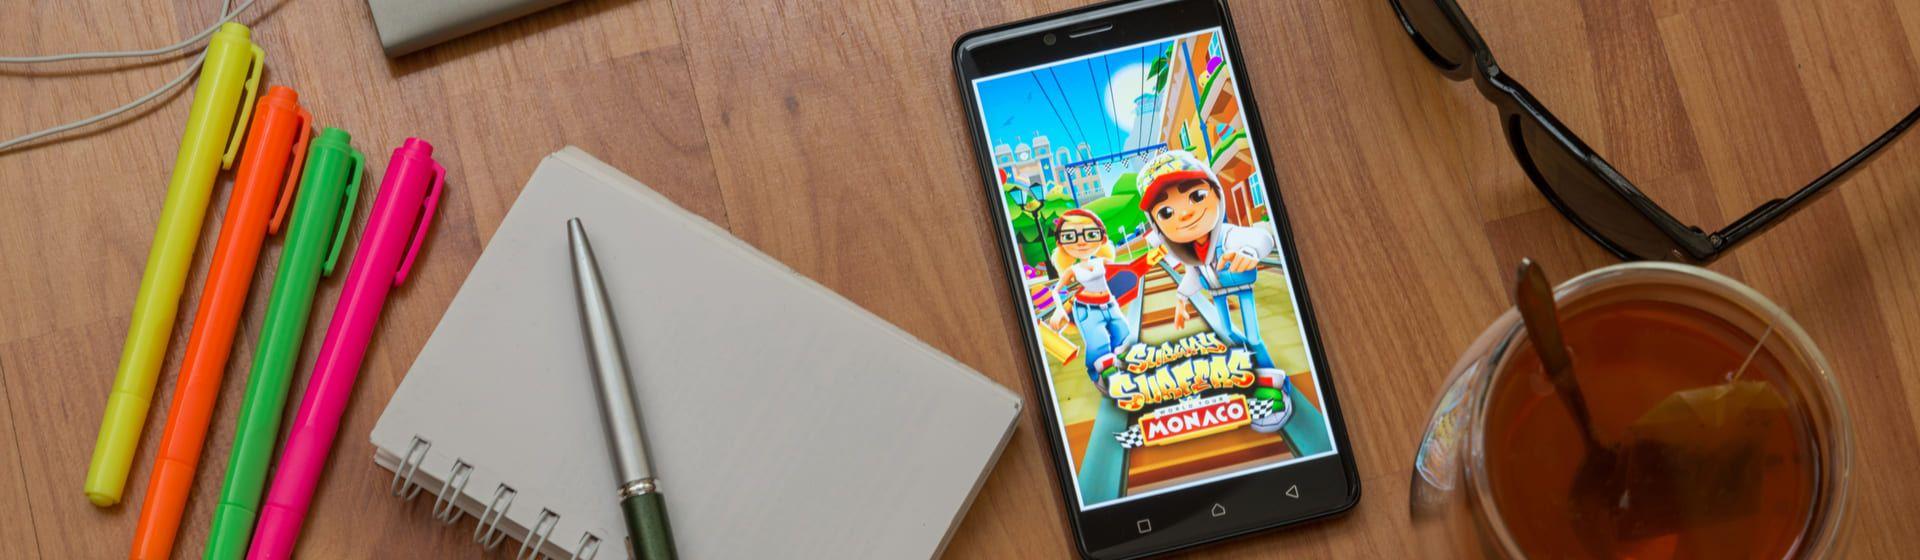 Subway Surfers: saiba tudo sobre o jogo para celular